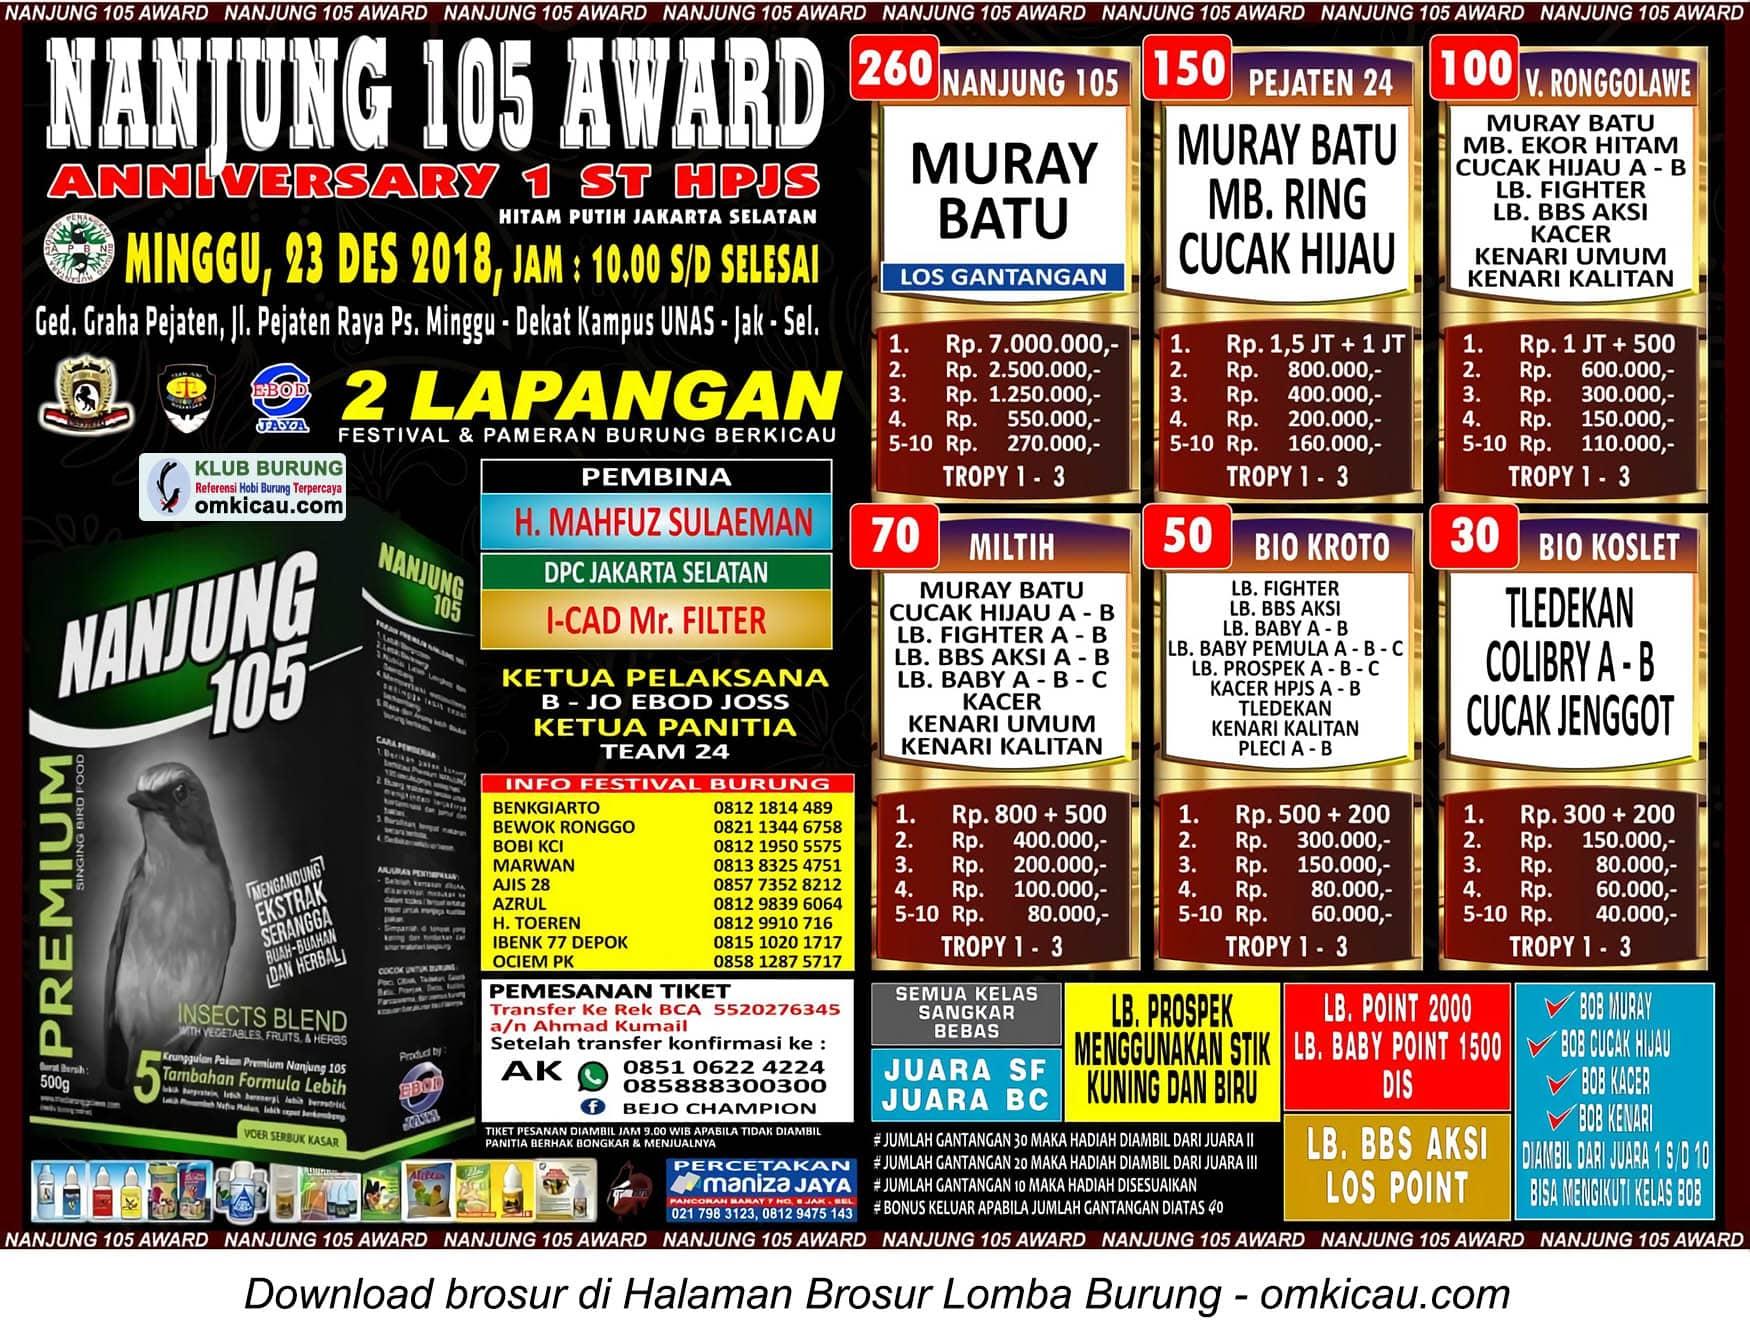 Nanjung 105 Award